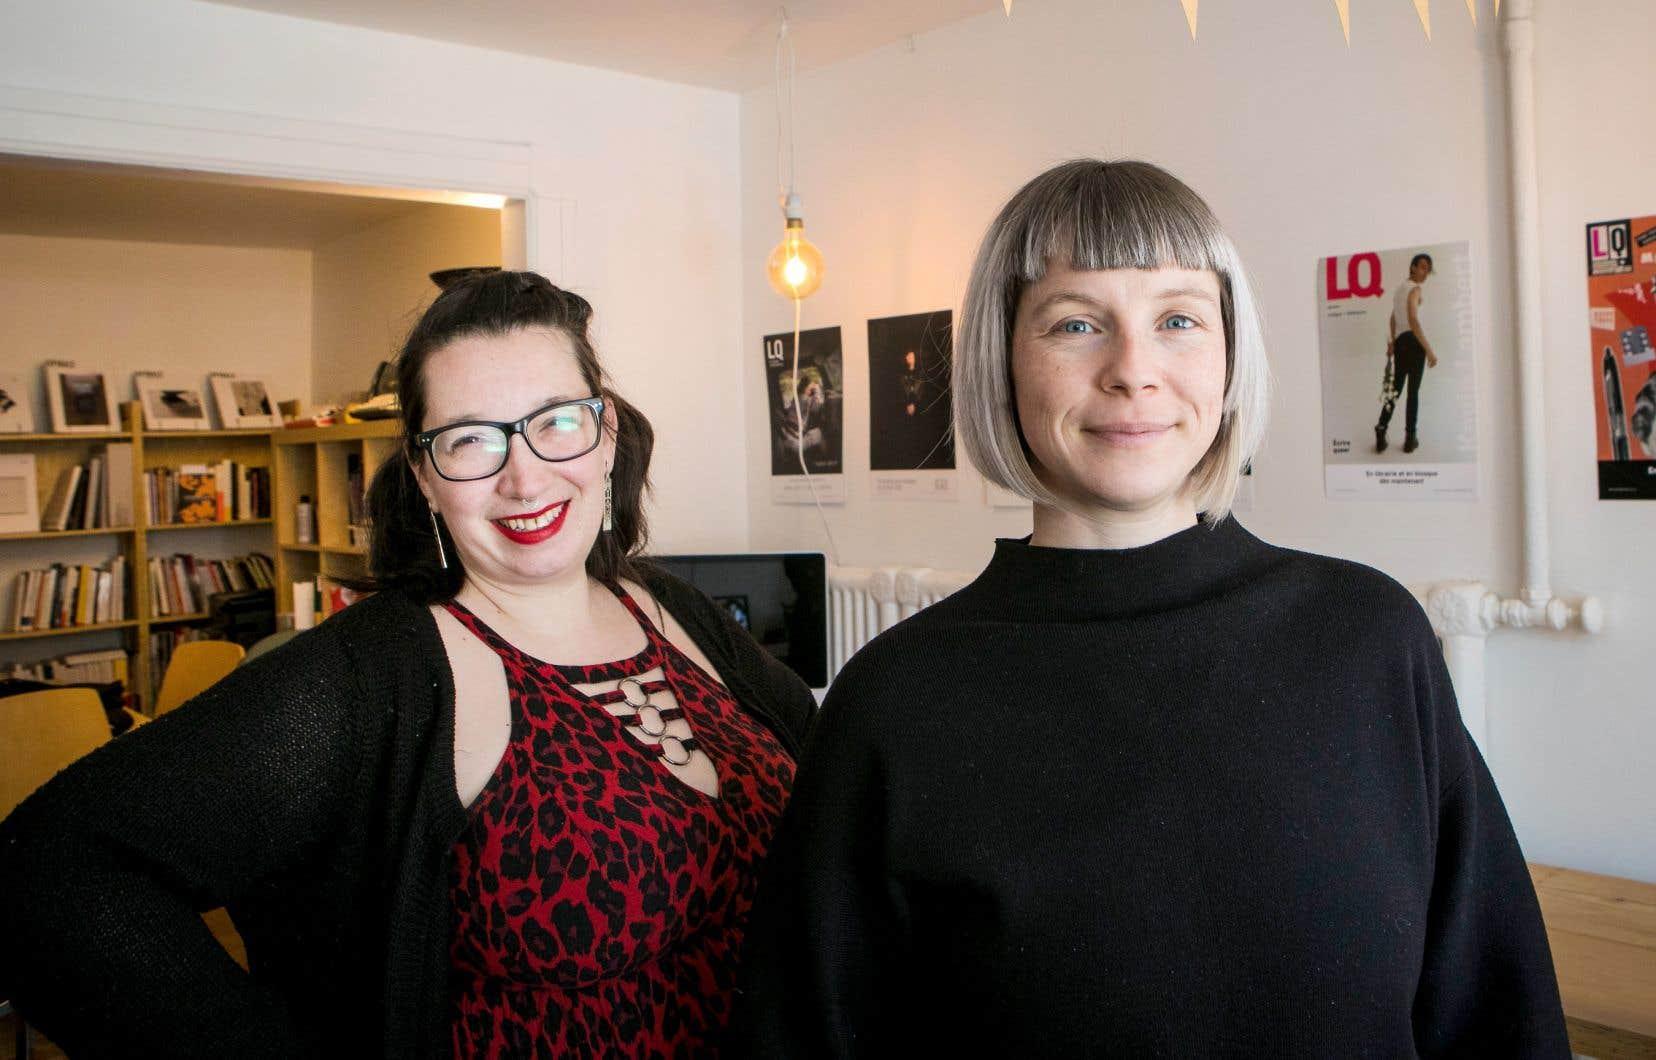 Parmi les principaux constats dressés par Vanessa Bell (à droite) et Catherine Cormier-Larose, il y a celui d'un déplacement des luttes féministes du collectif vers l'intime et le quotidien.